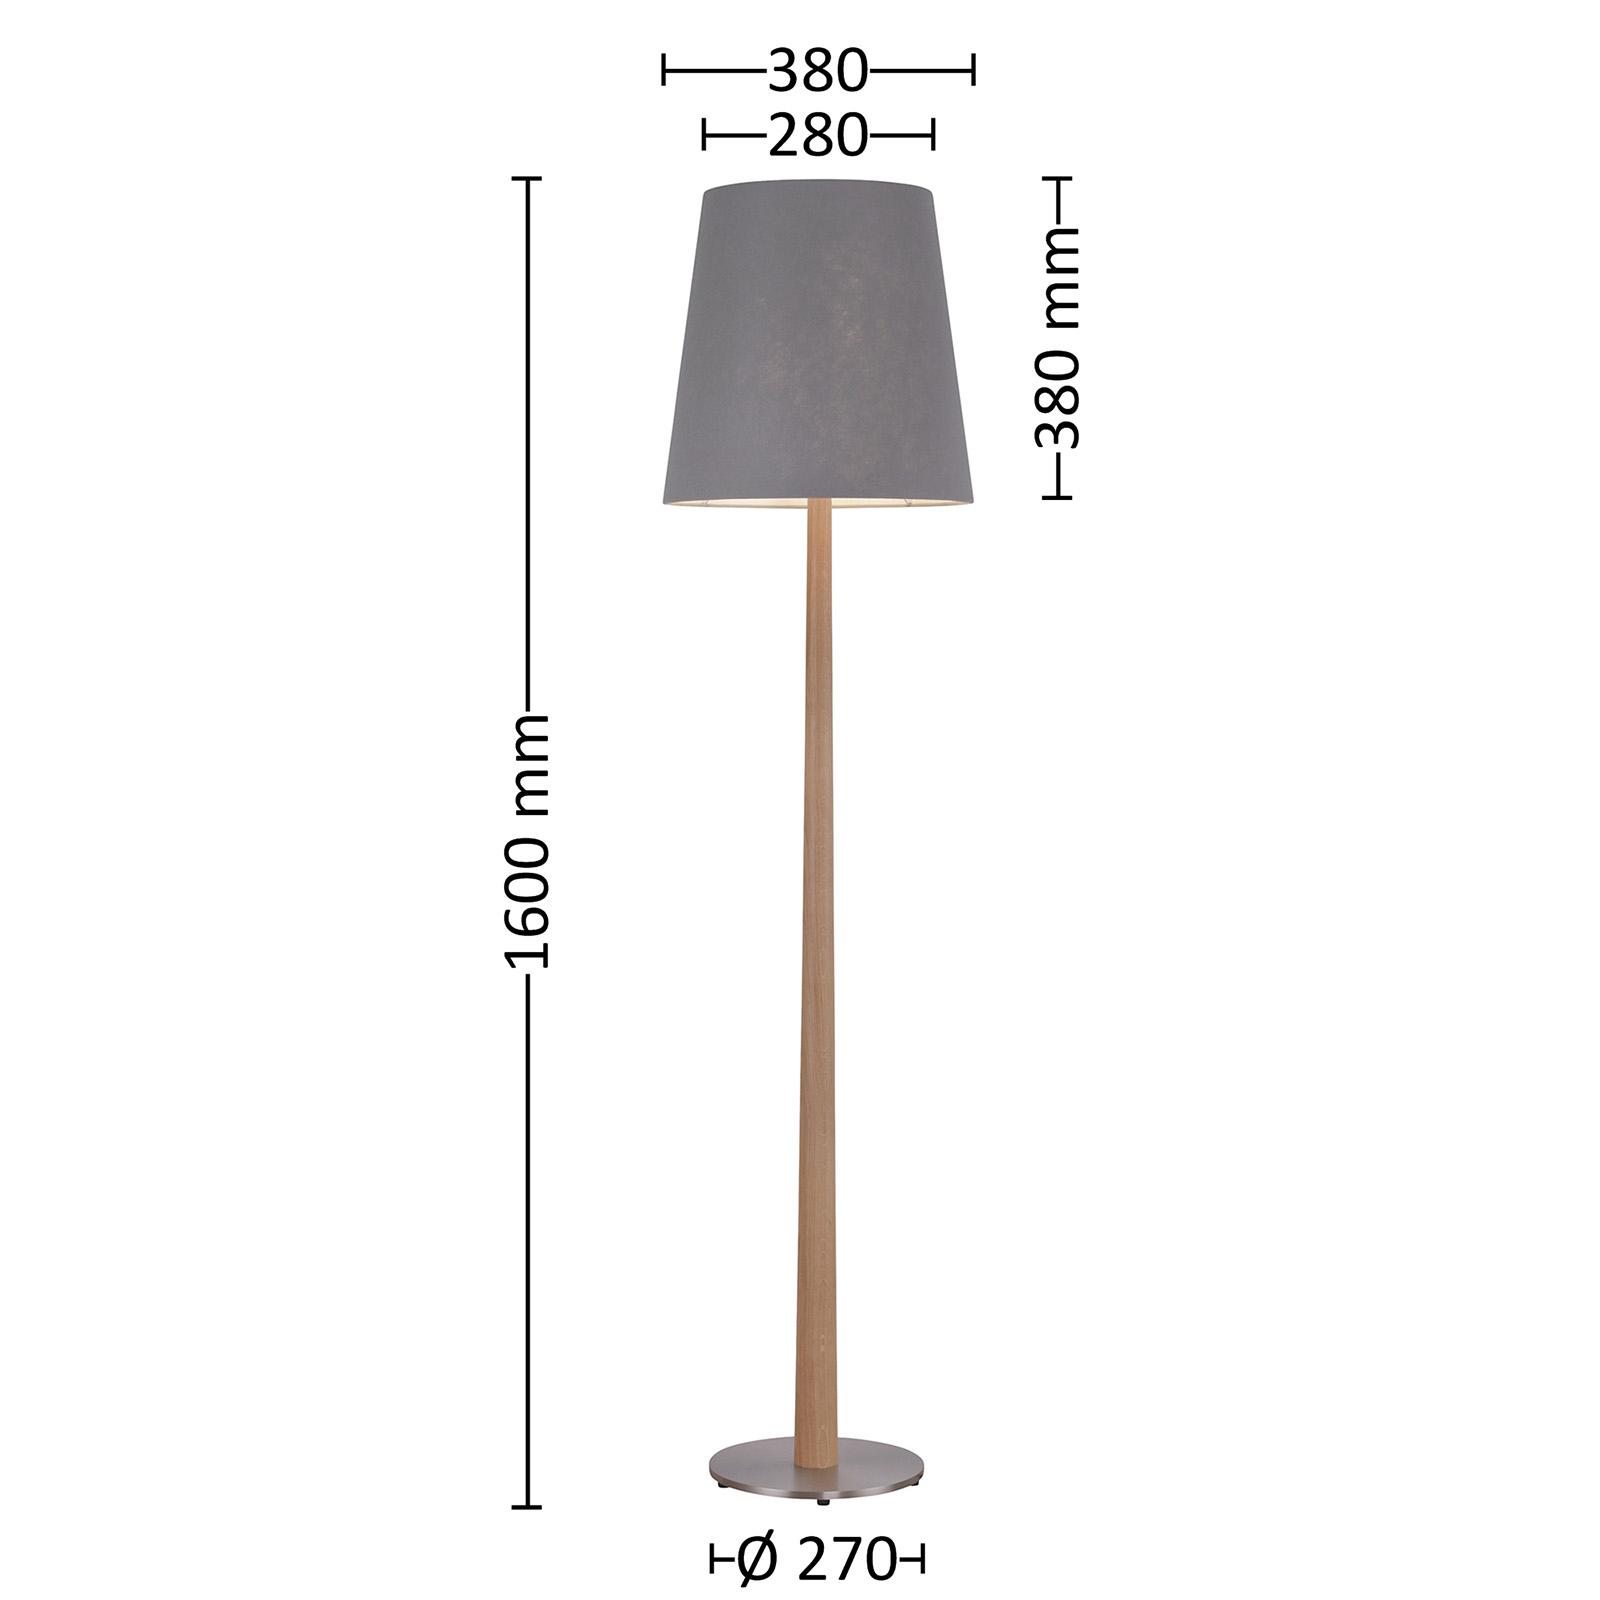 Lucande Elif Stehlampe Filz, konisch Eiche natur